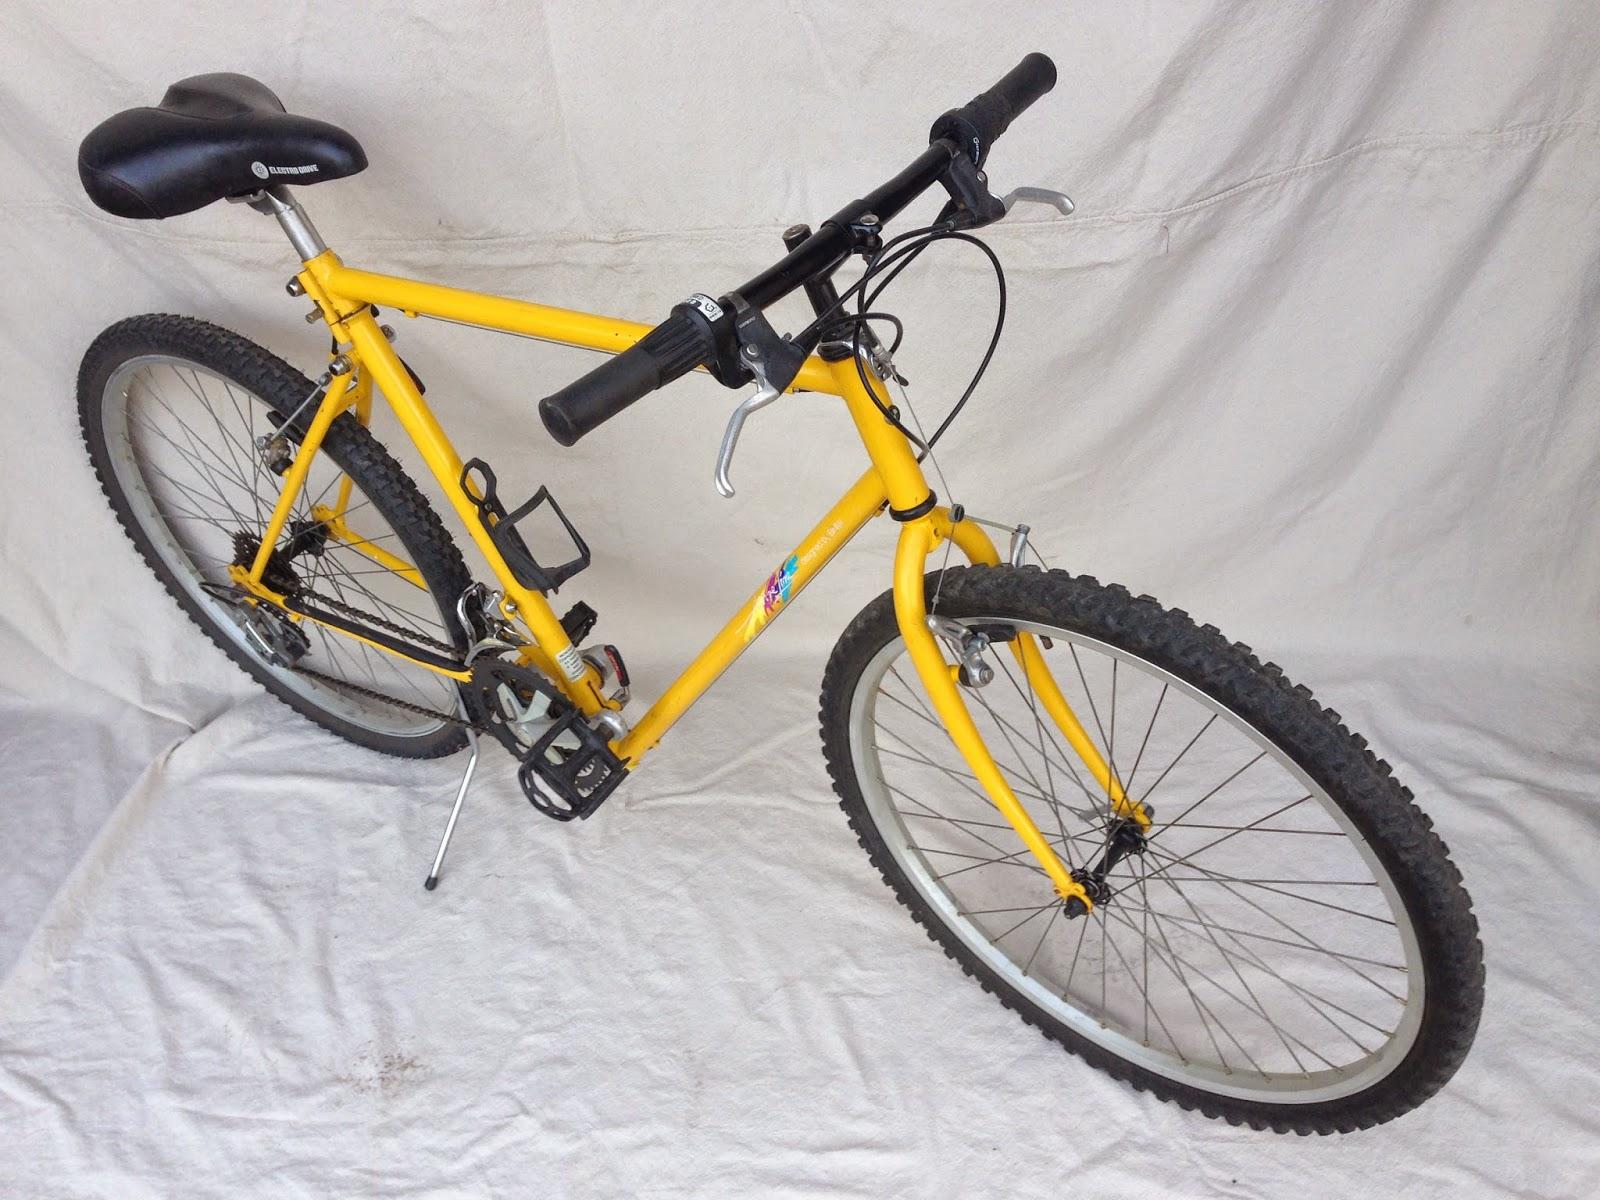 1996 bmw montague folding mountain bike | the whistle bike shop